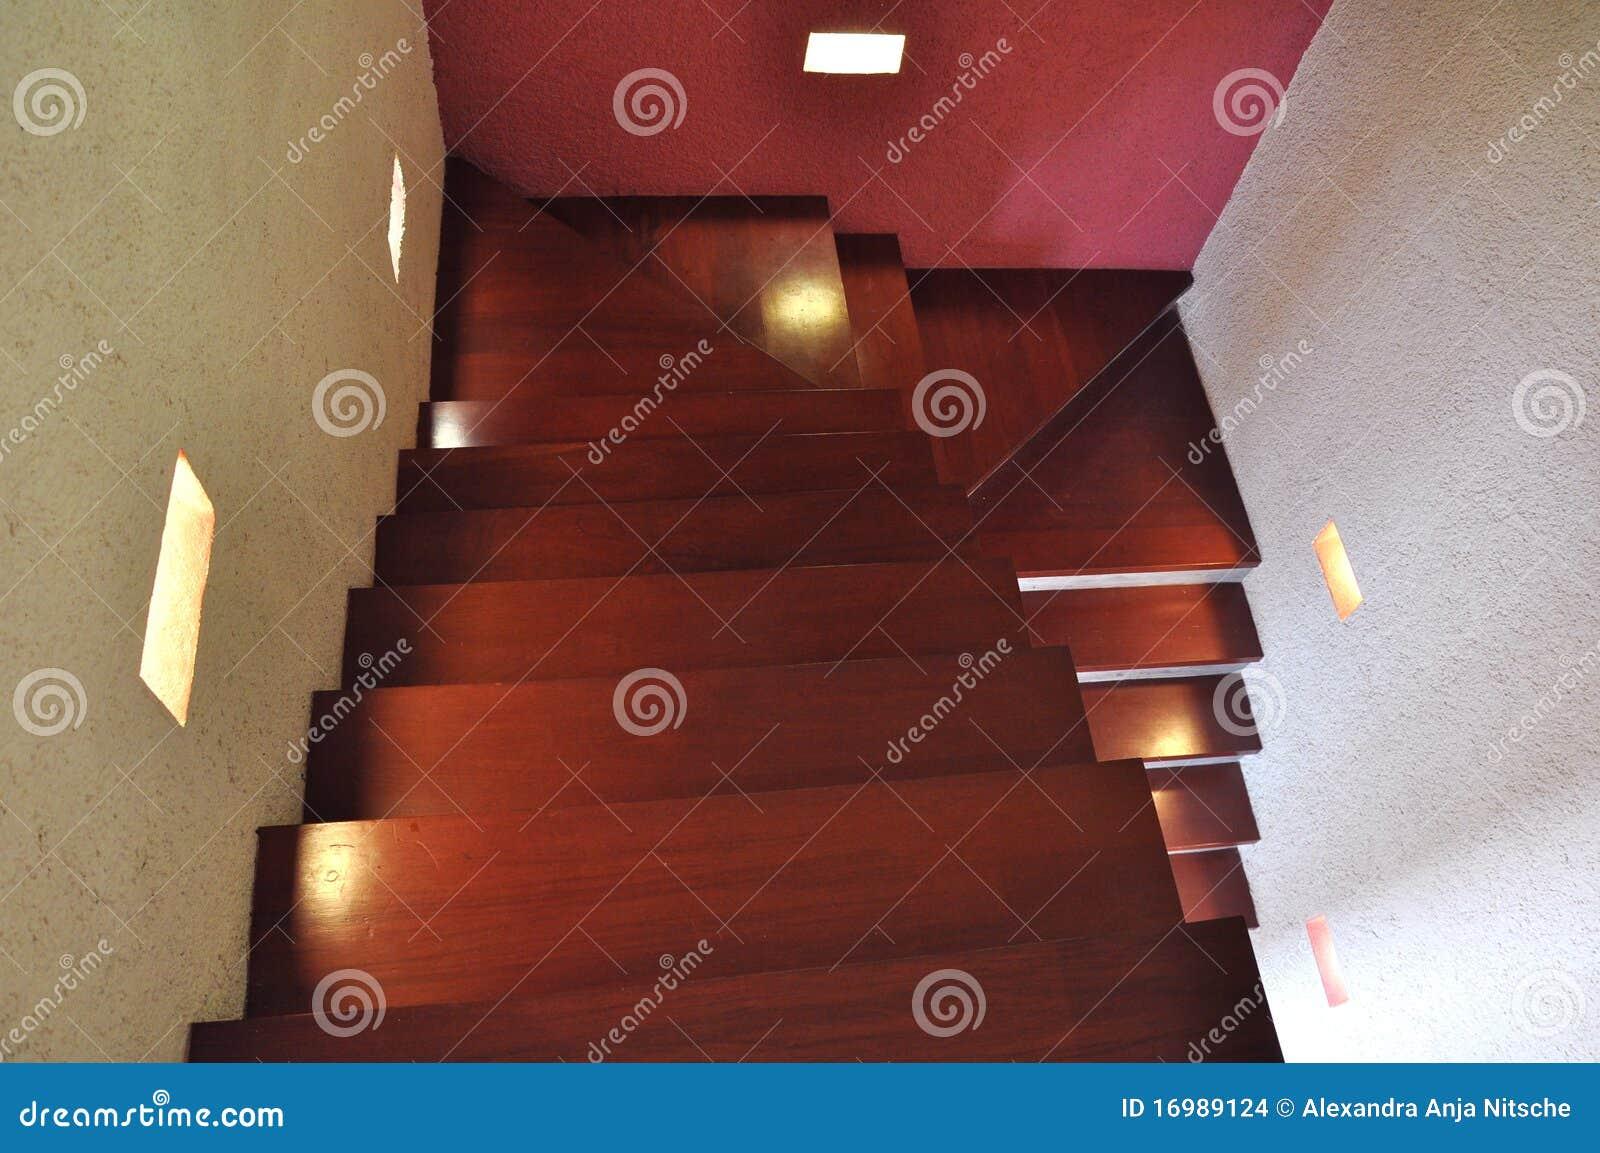 Caja de la escalera del dise o interior foto de archivo - Escaleras diseno interior ...